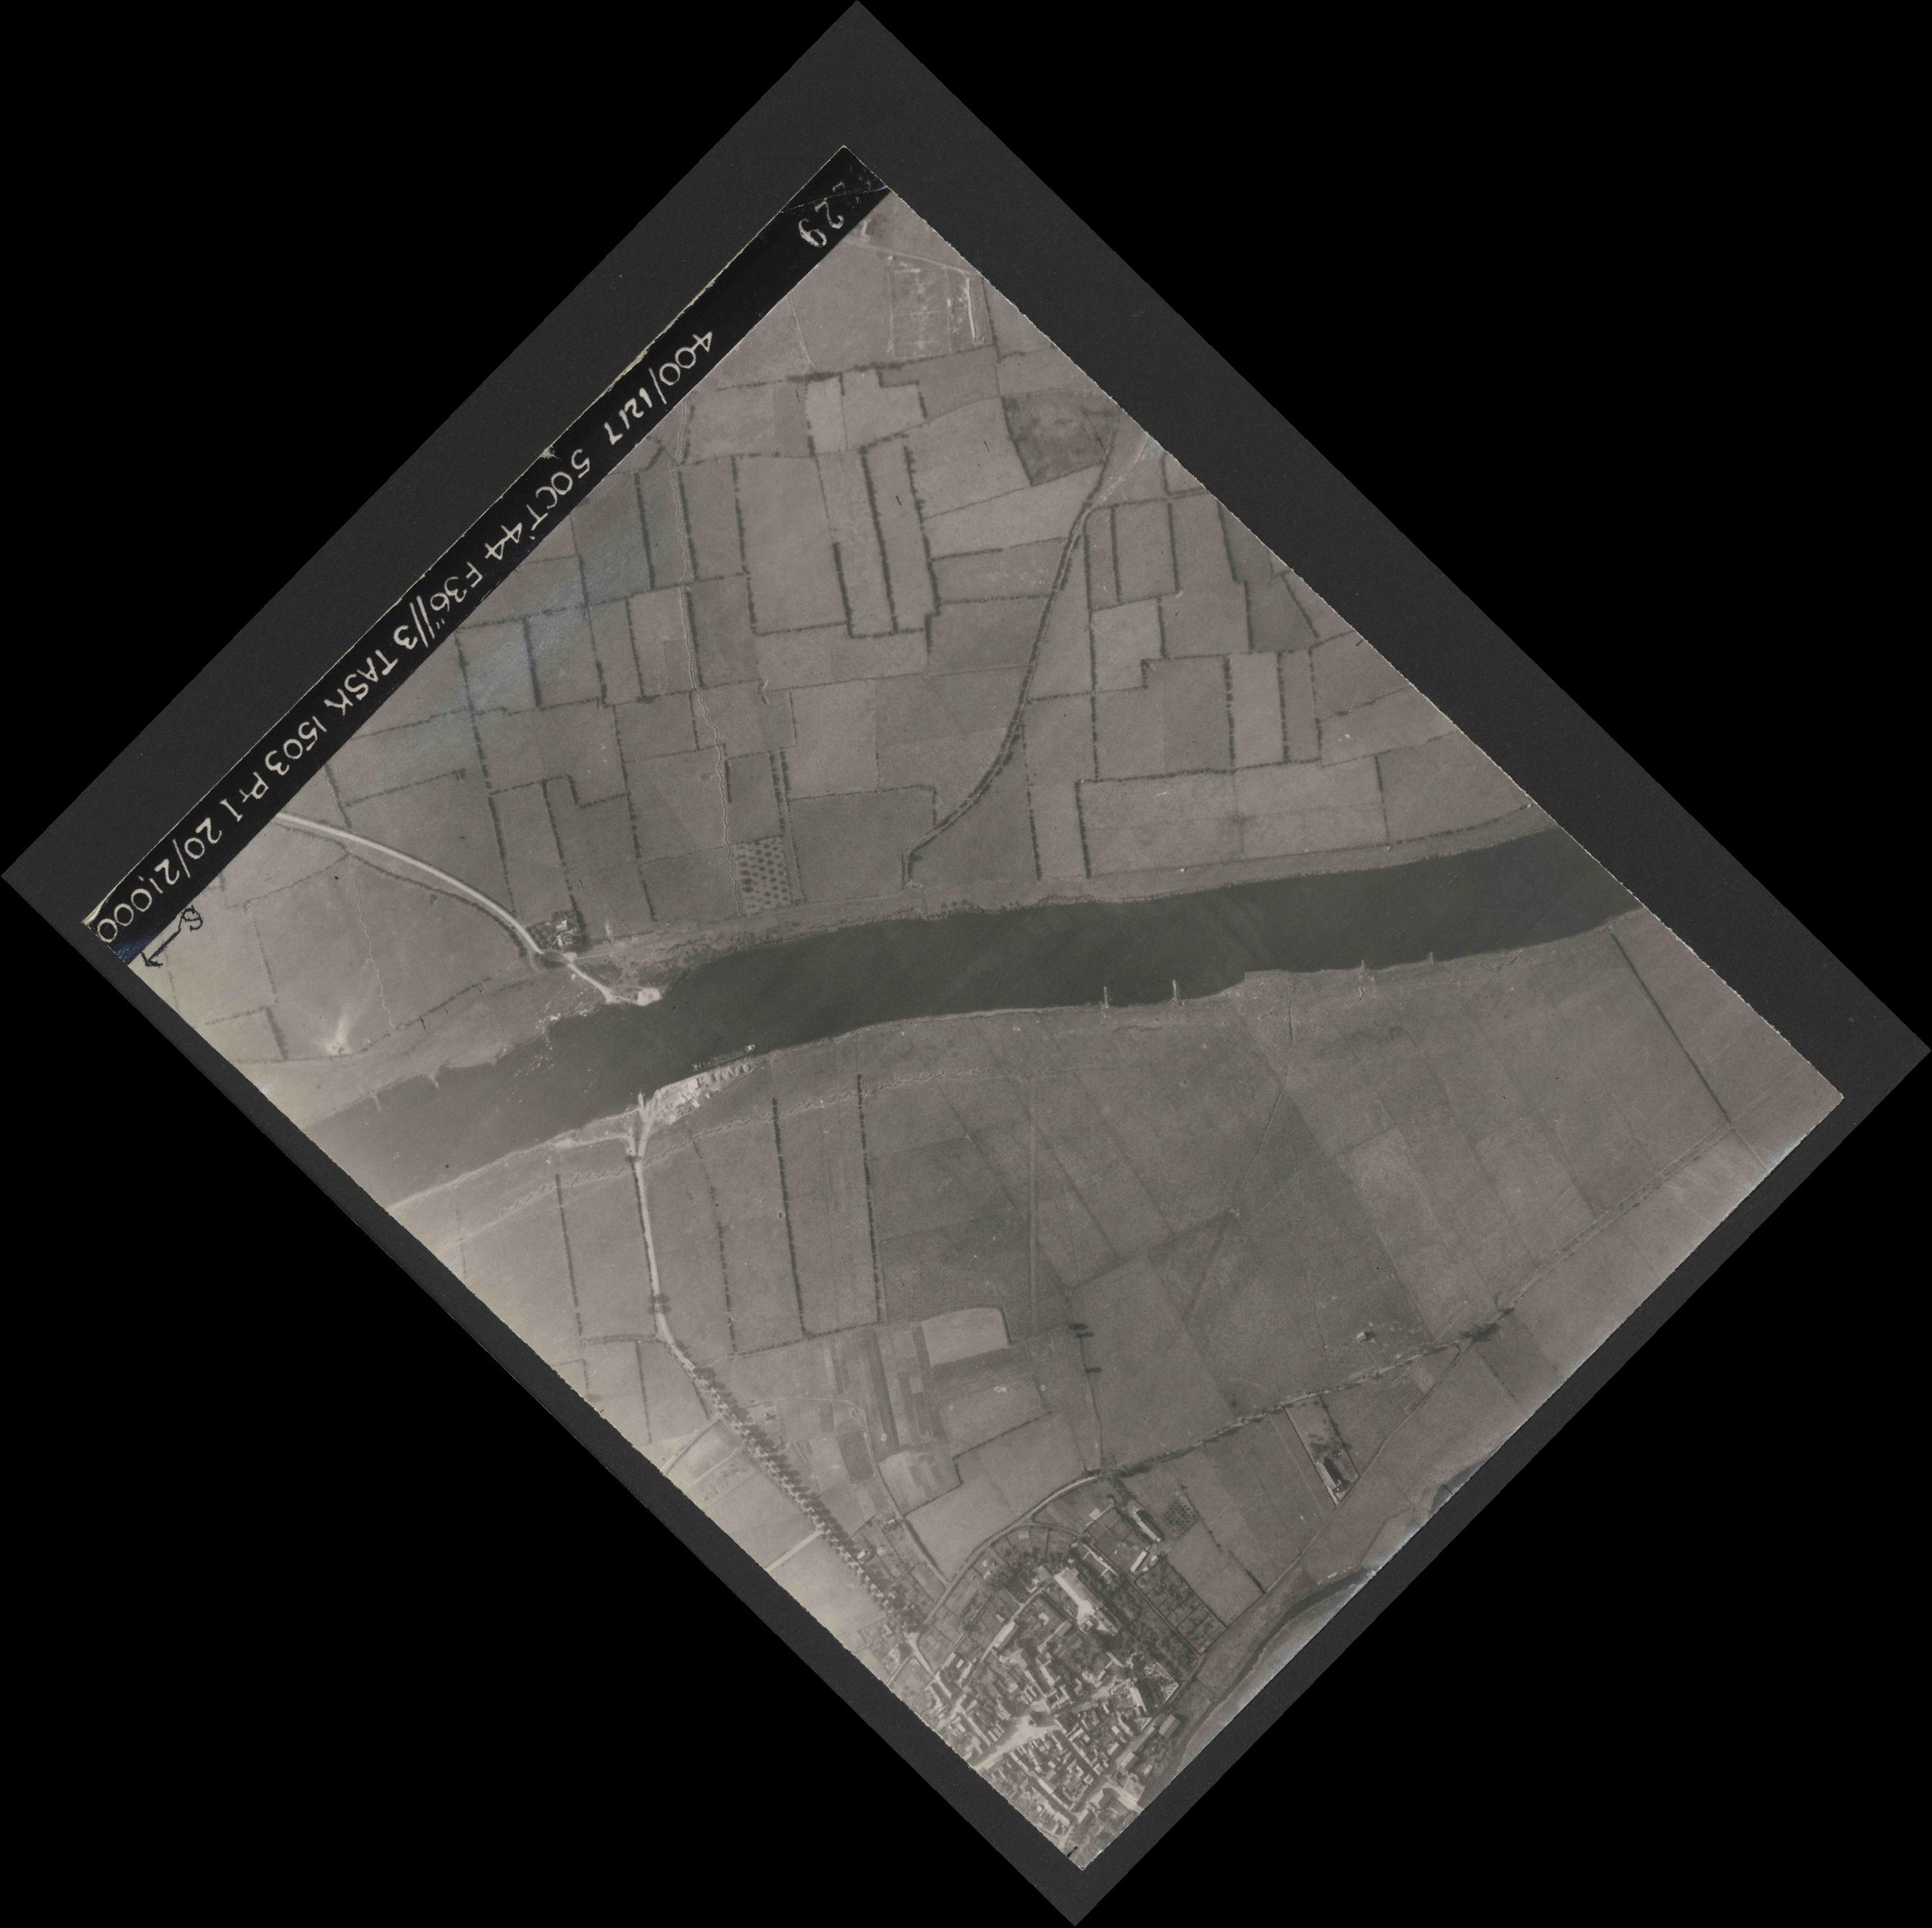 Collection RAF aerial photos 1940-1945 - flight 316, run 03, photo 4229